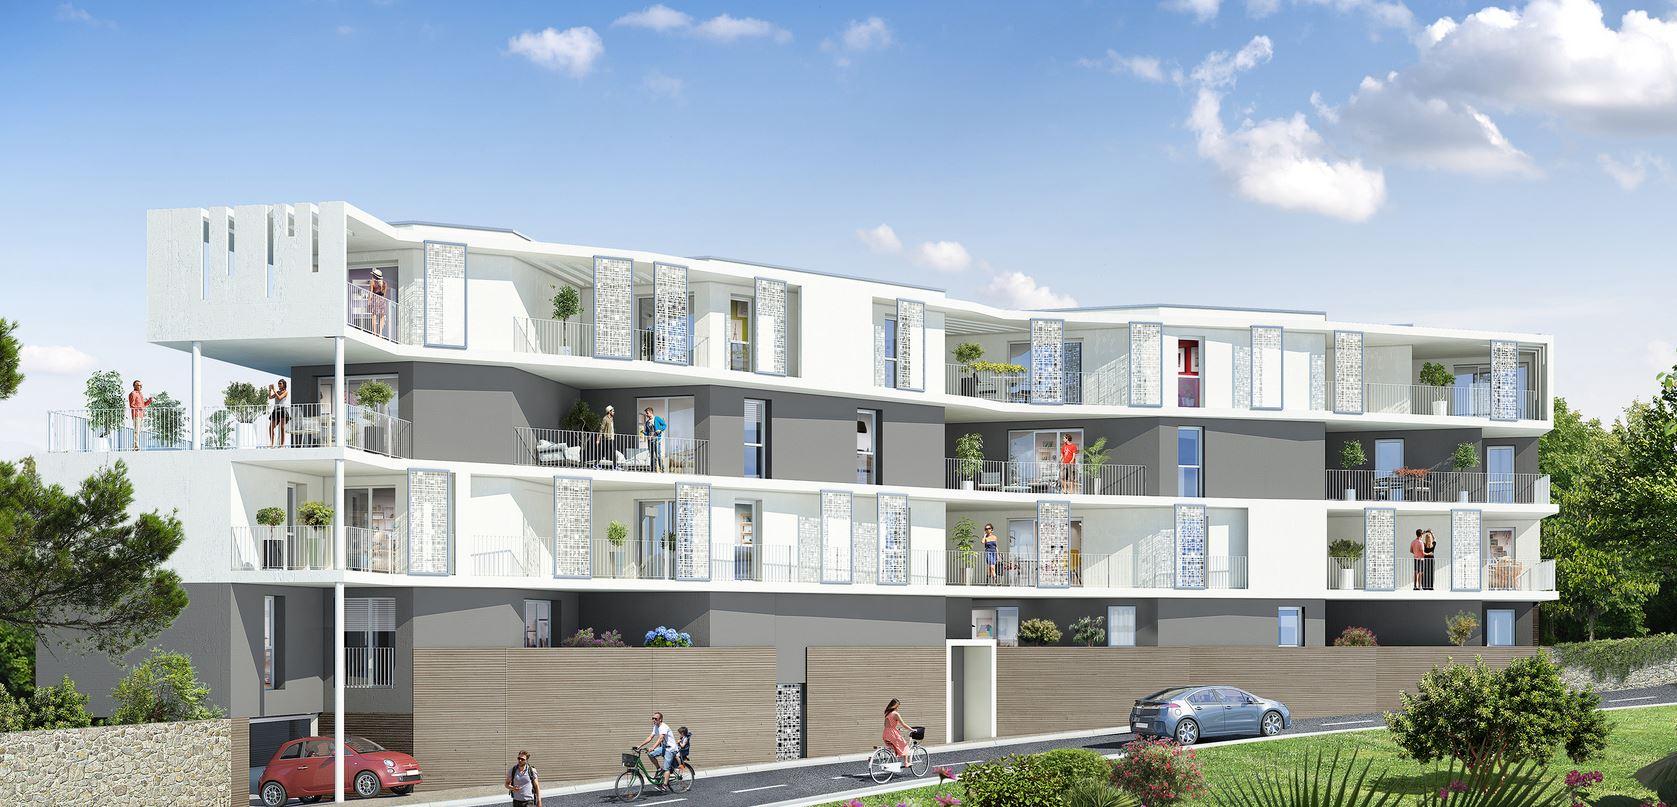 Immobilier neuf Sète : une ville prometteuse